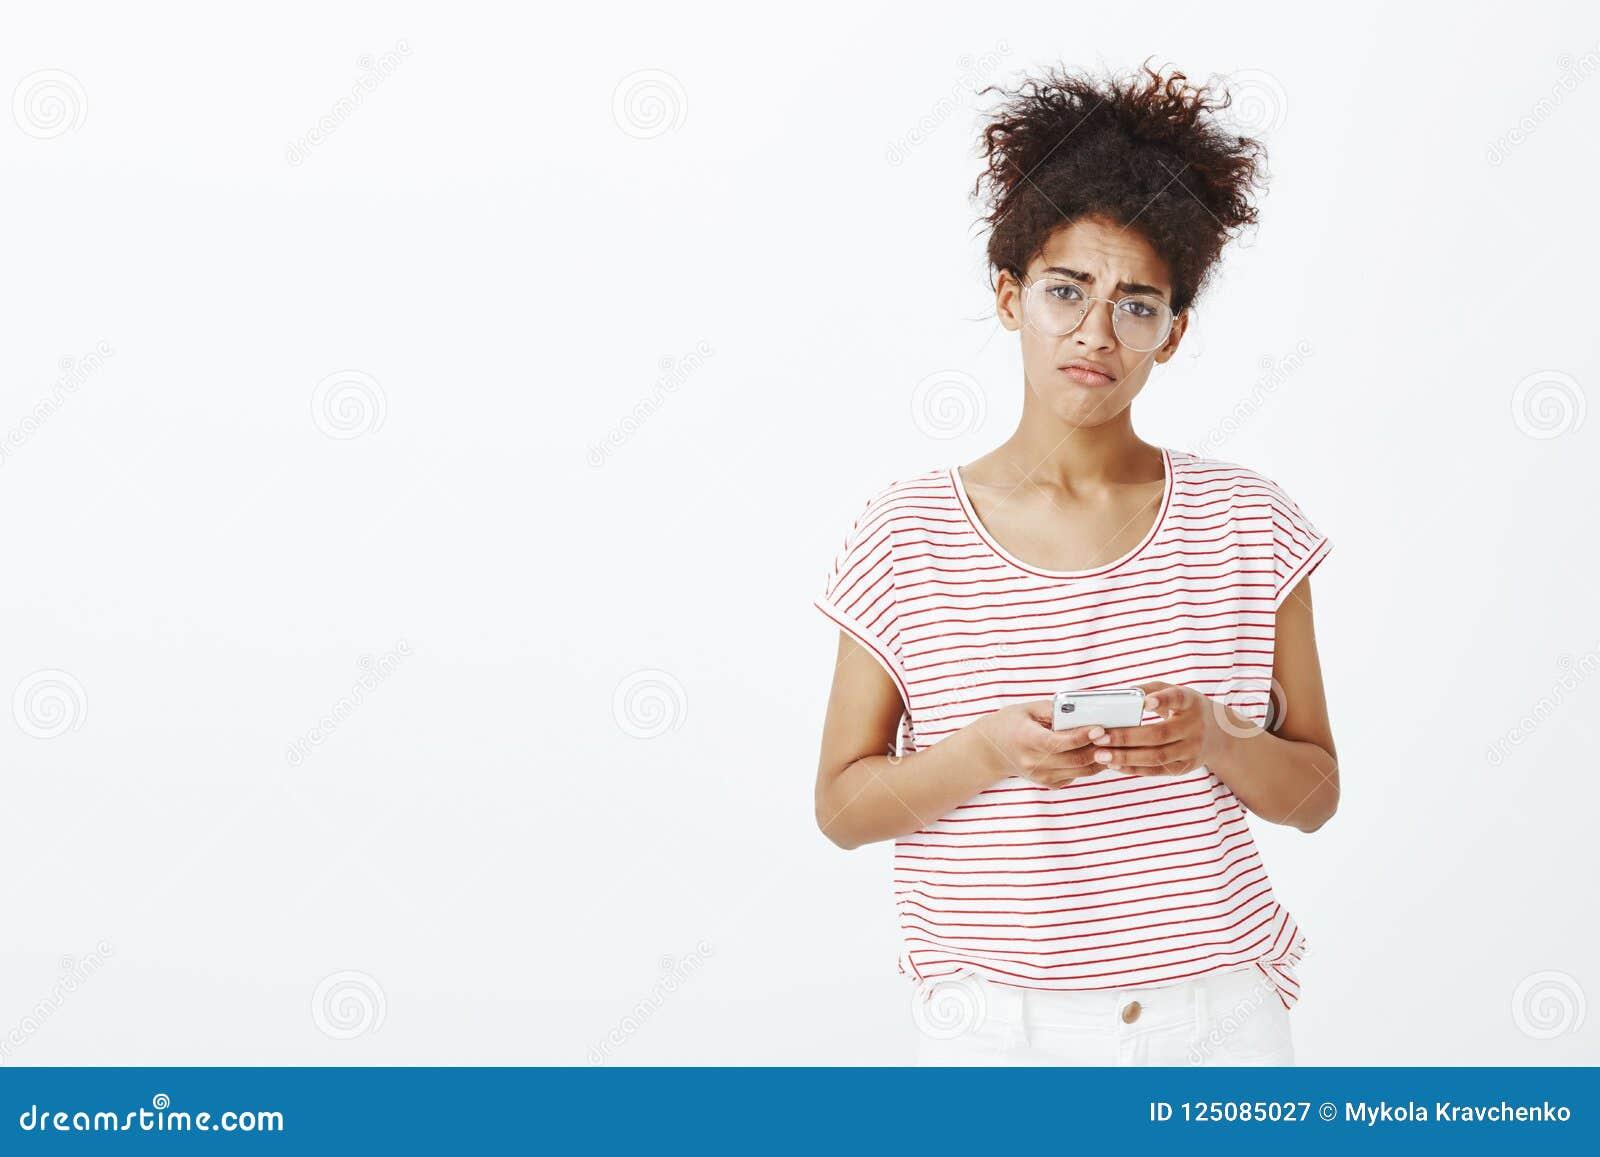 Fille sentant malheureux dumbed par l intermédiaire du téléphone Portrait de femme mignonne contrariée sombre dans les verres et